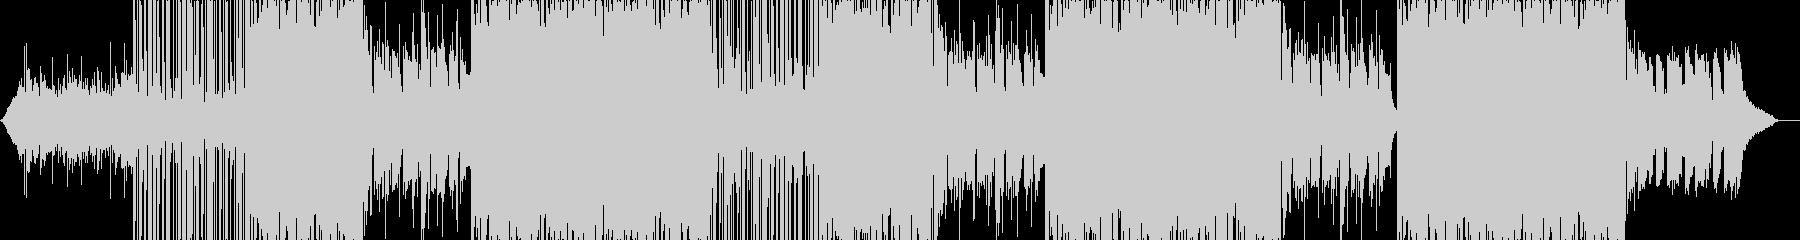 サンレモスタイル。の未再生の波形